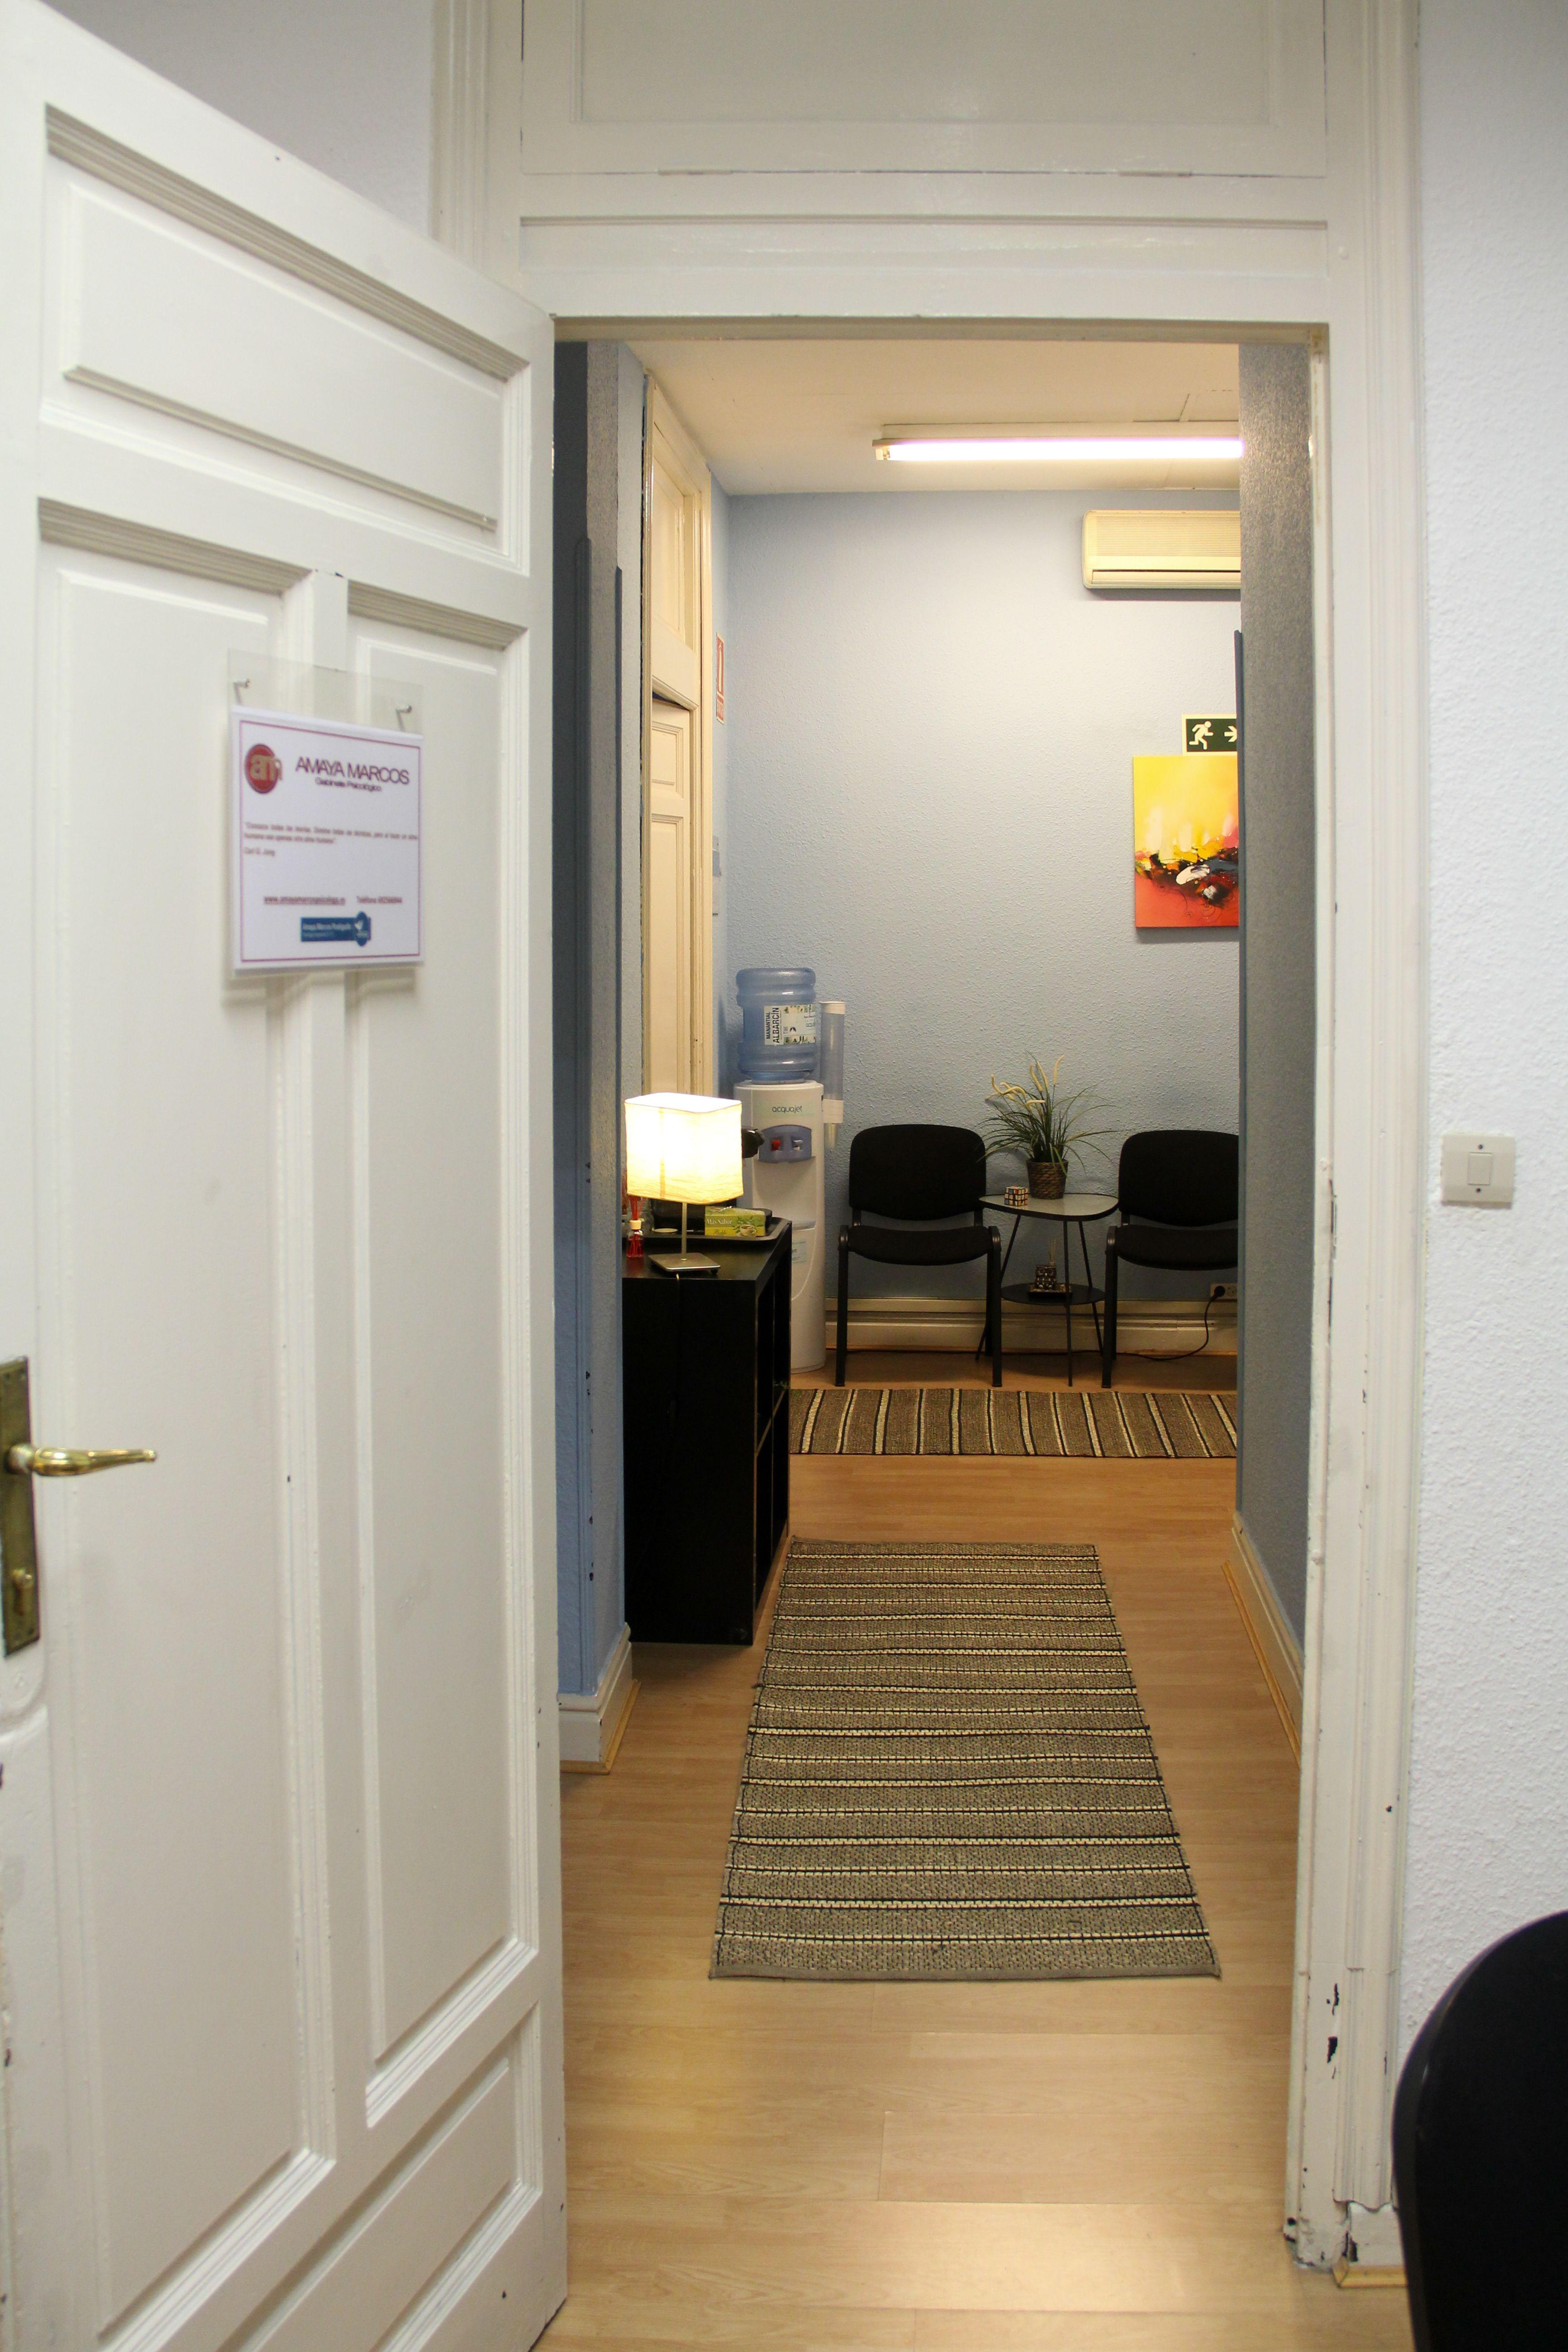 Vista de la sala de espera